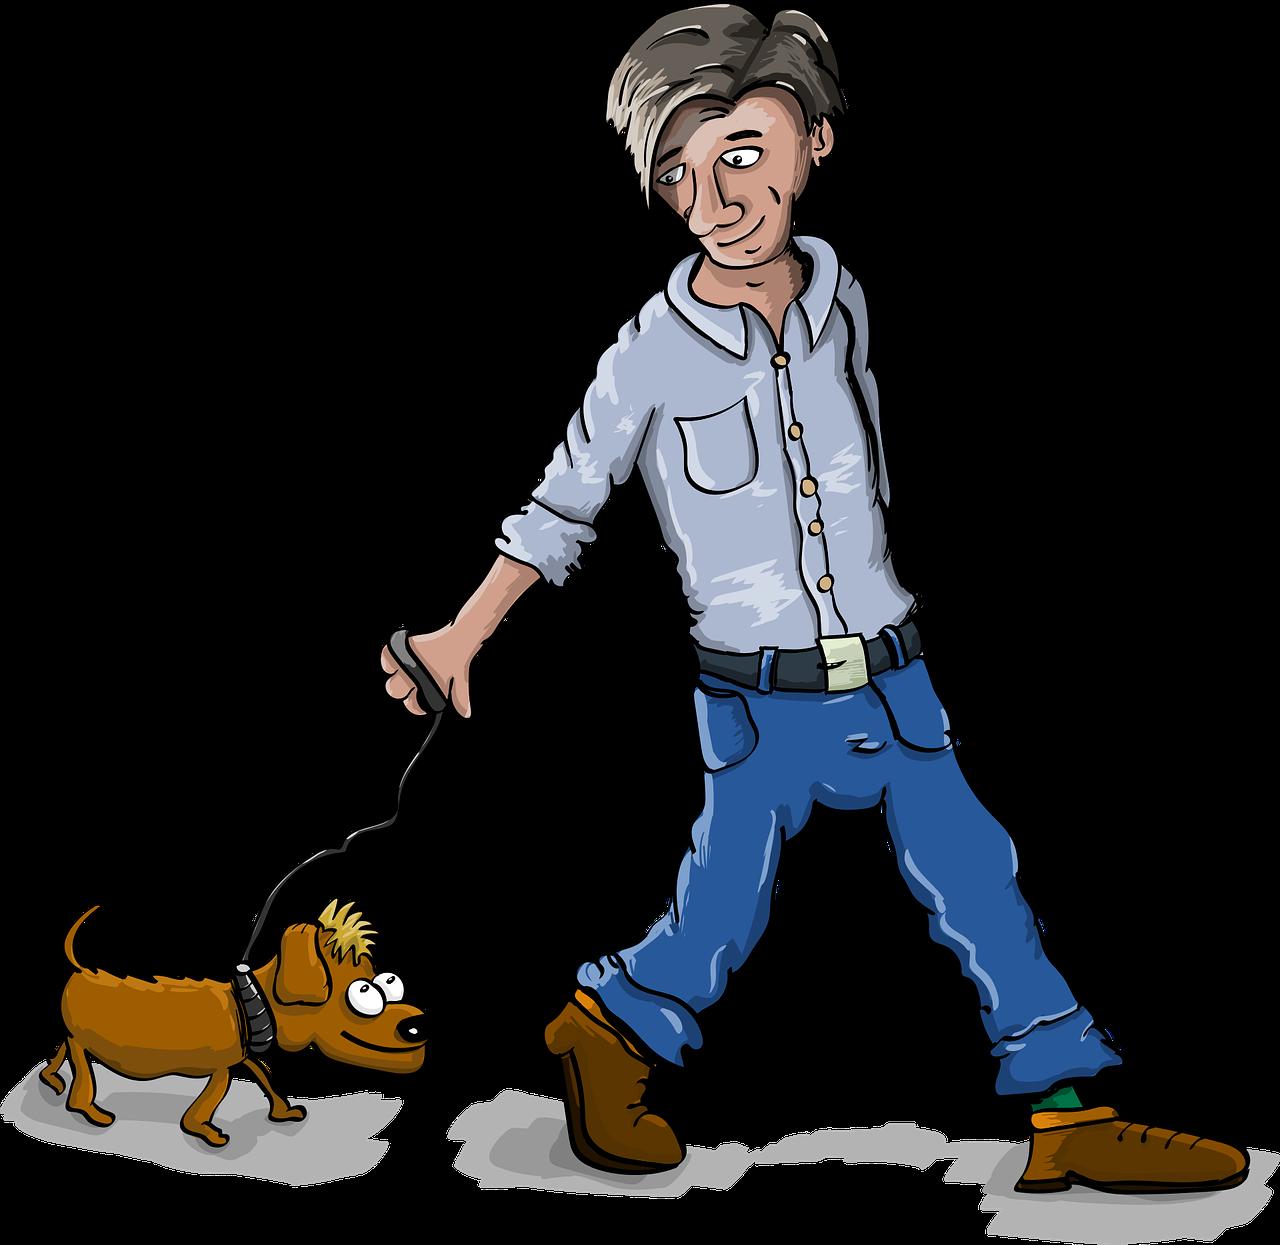 Смешная картинка гуляю с собакой